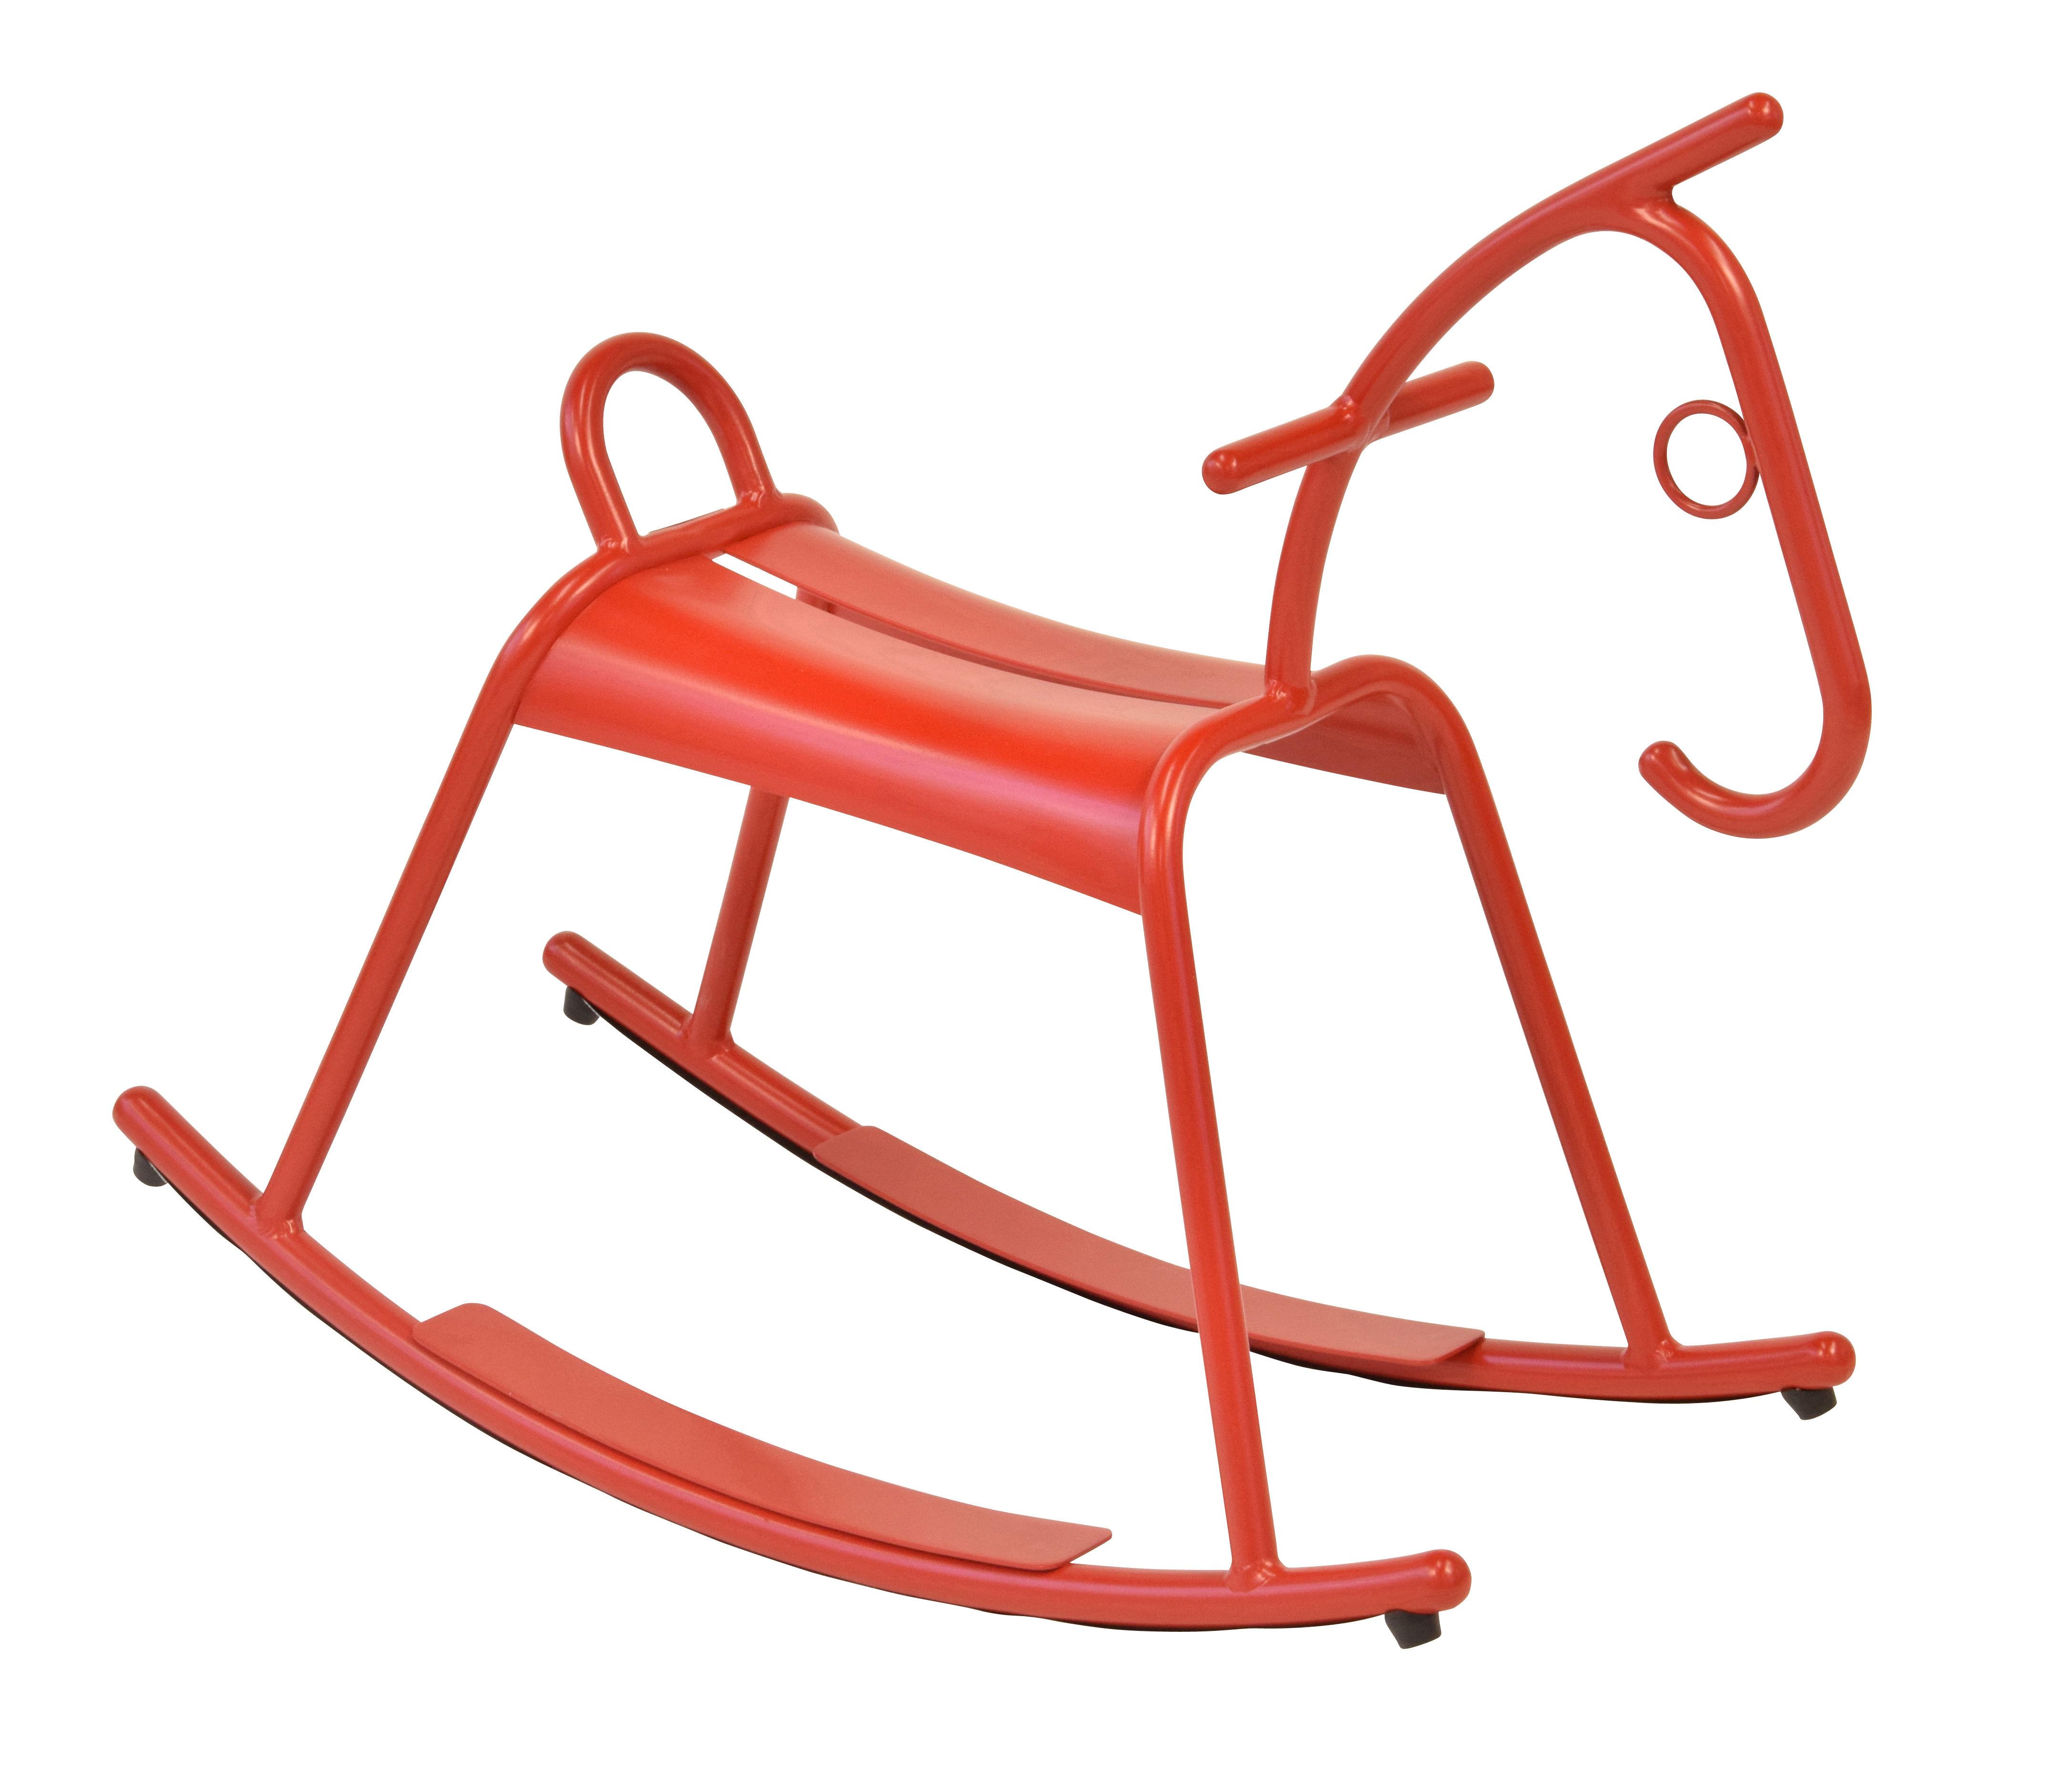 Mobilier - Mobilier Kids - Cheval à bascule Adada / Intérieur-extérieur - Fermob - Coquelicot - Aluminium